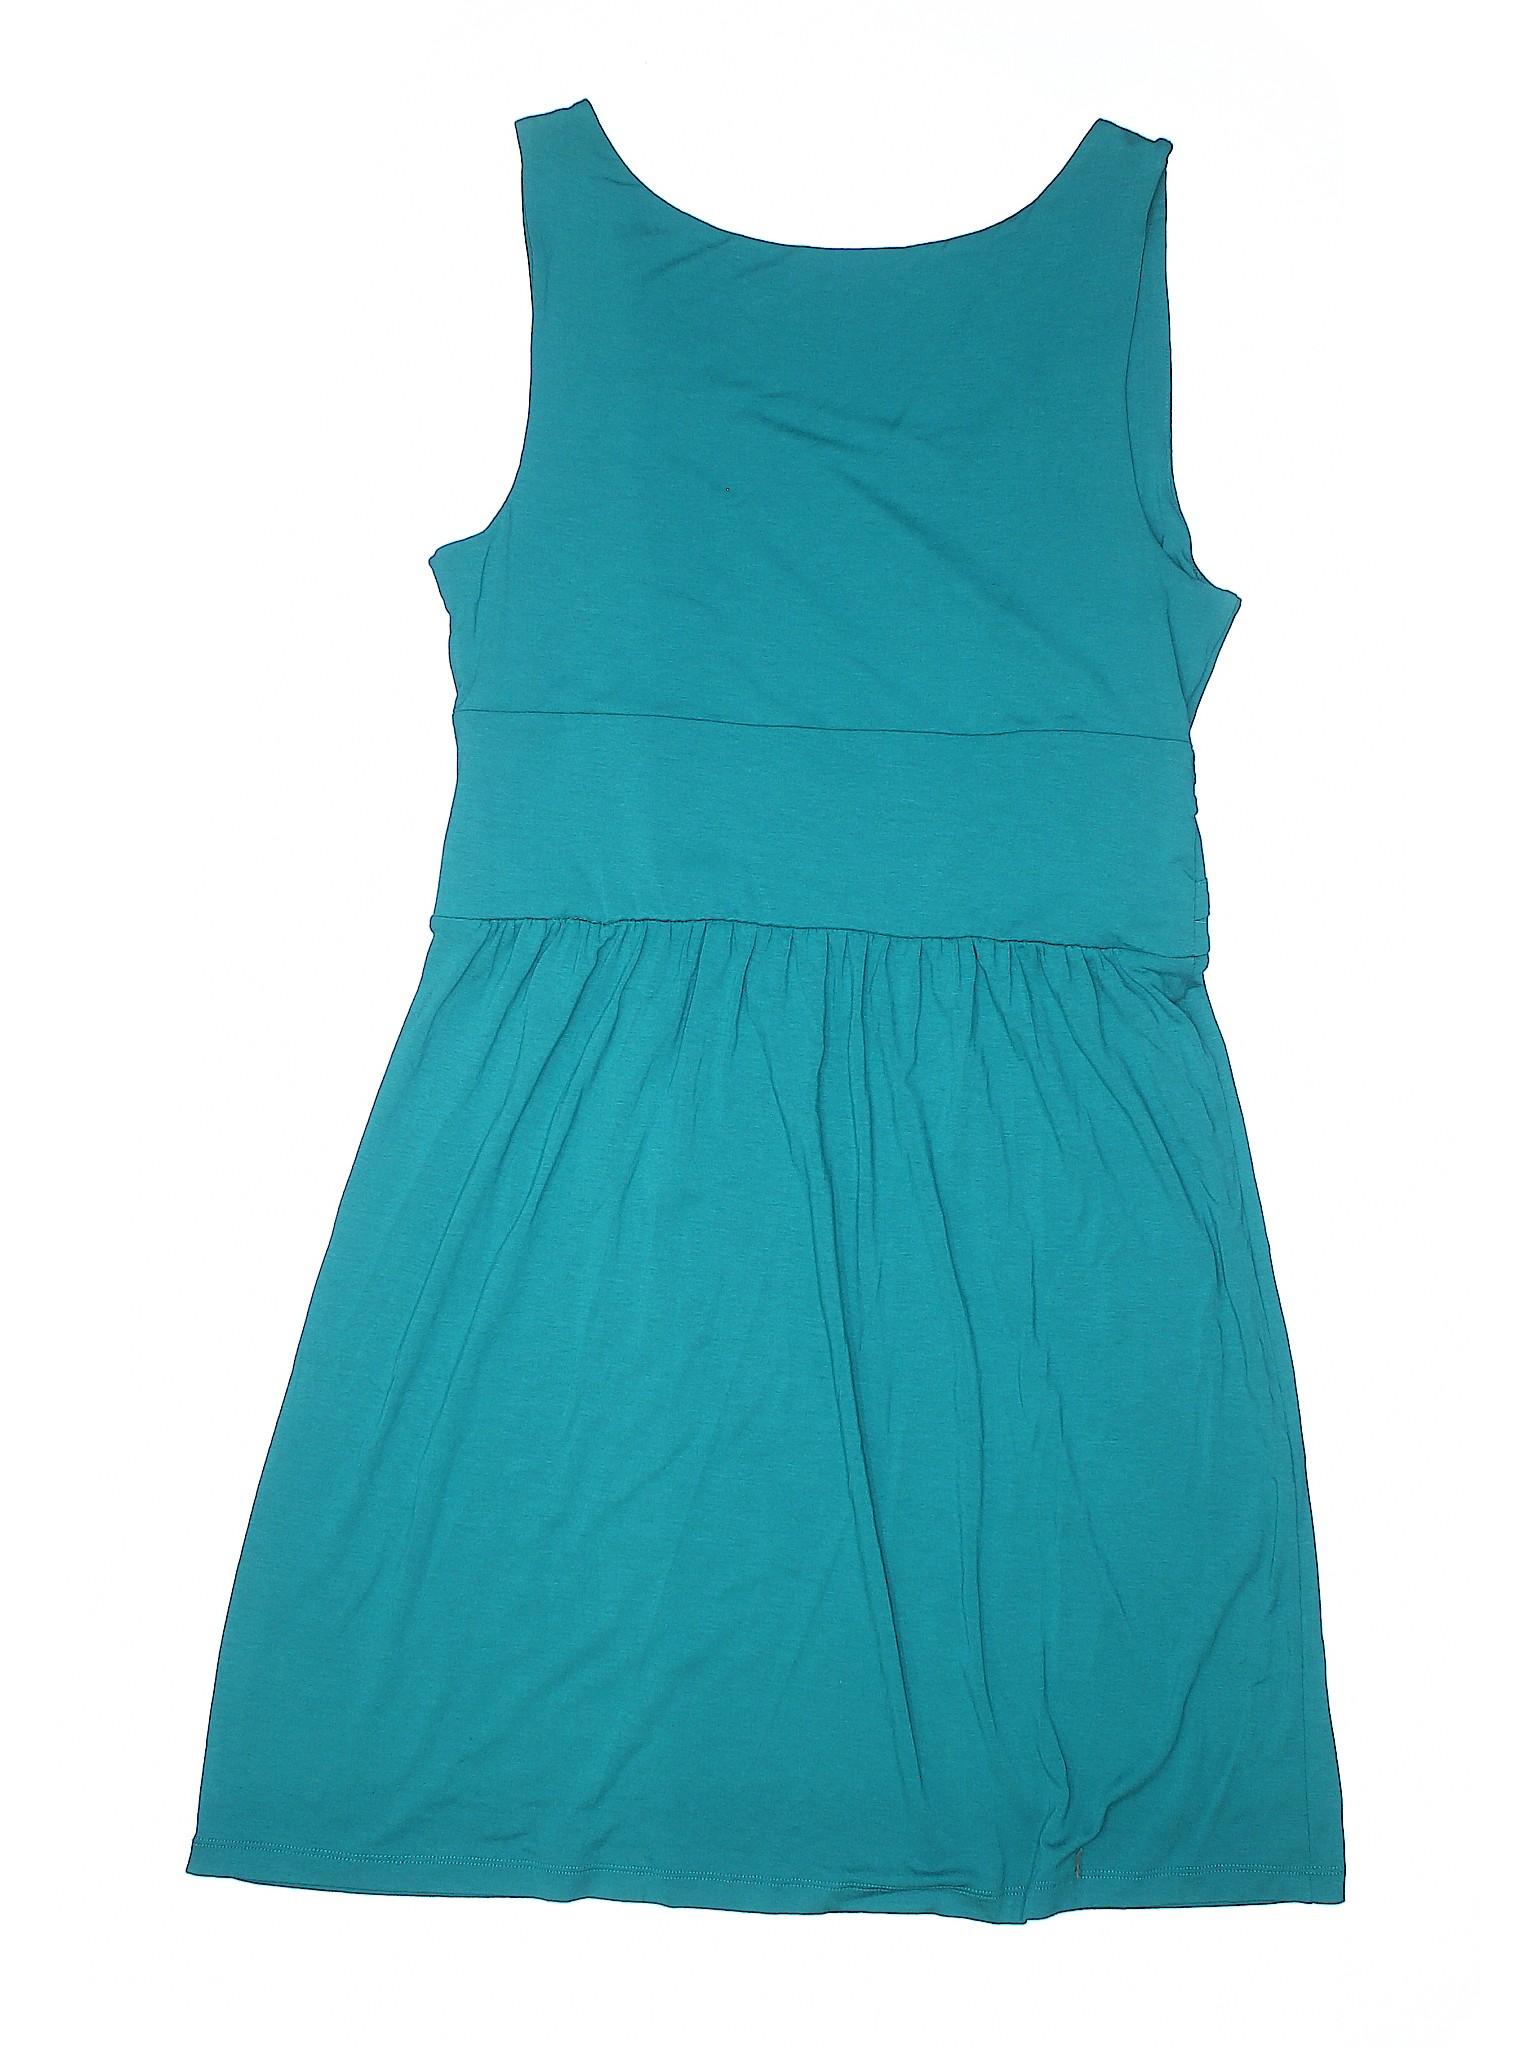 Casual Smith Dress Willi Boutique winter 7wtgEA